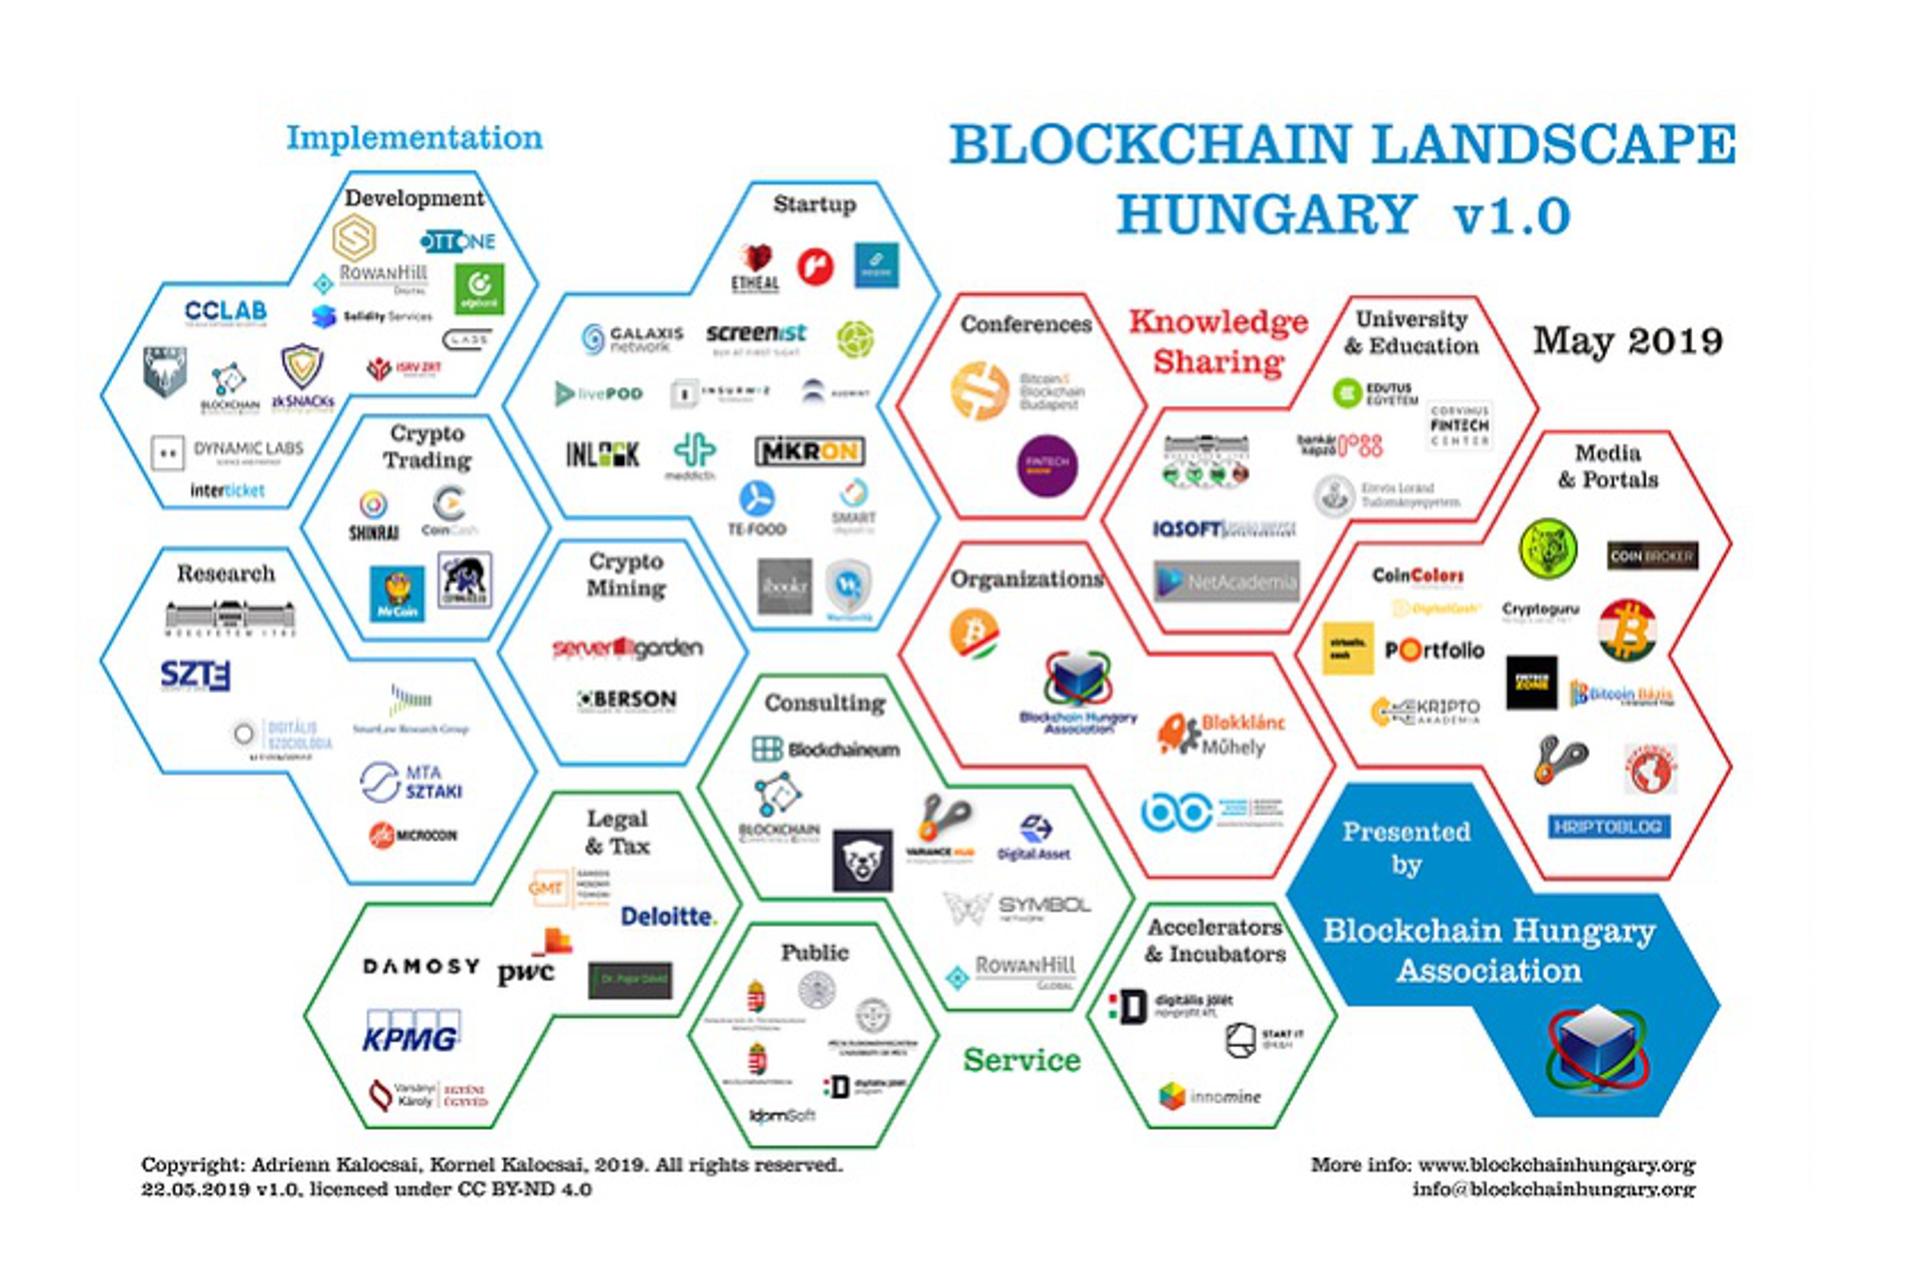 Terkepen A Magyar Blokklancagazat Szine Java Kriptoworld Hu